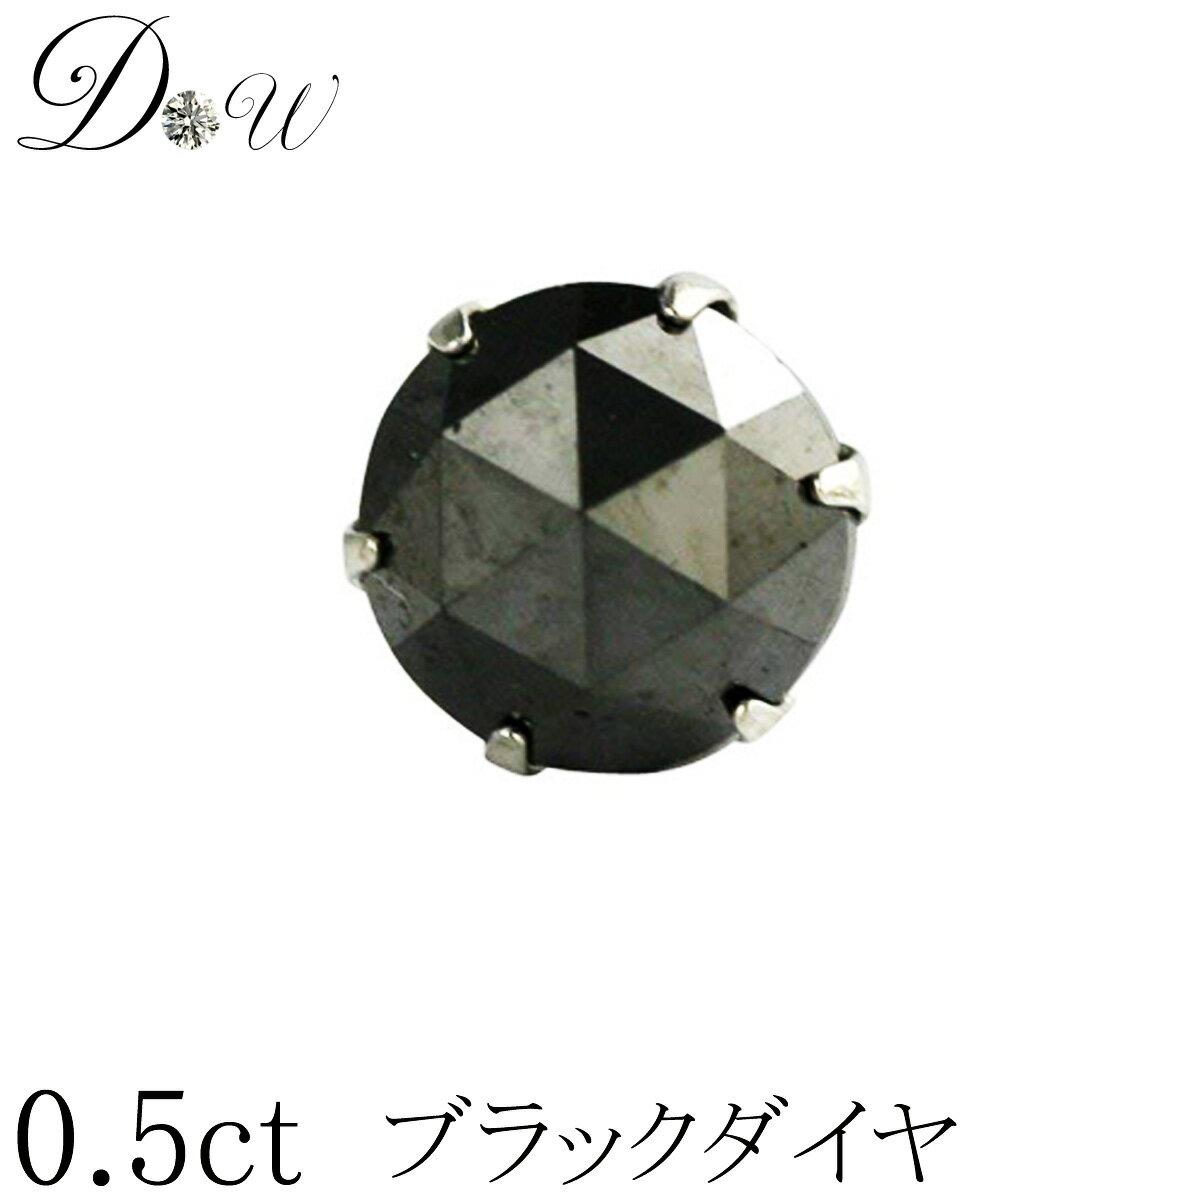 PTプラチナ900ローズカットブラックダイヤモンド ピアス 0.5ct メンズ【片耳ピアス 6本爪】ブラックダイヤ ピアス 【6本爪タイプ】【品質保証書付】【あす楽対応】